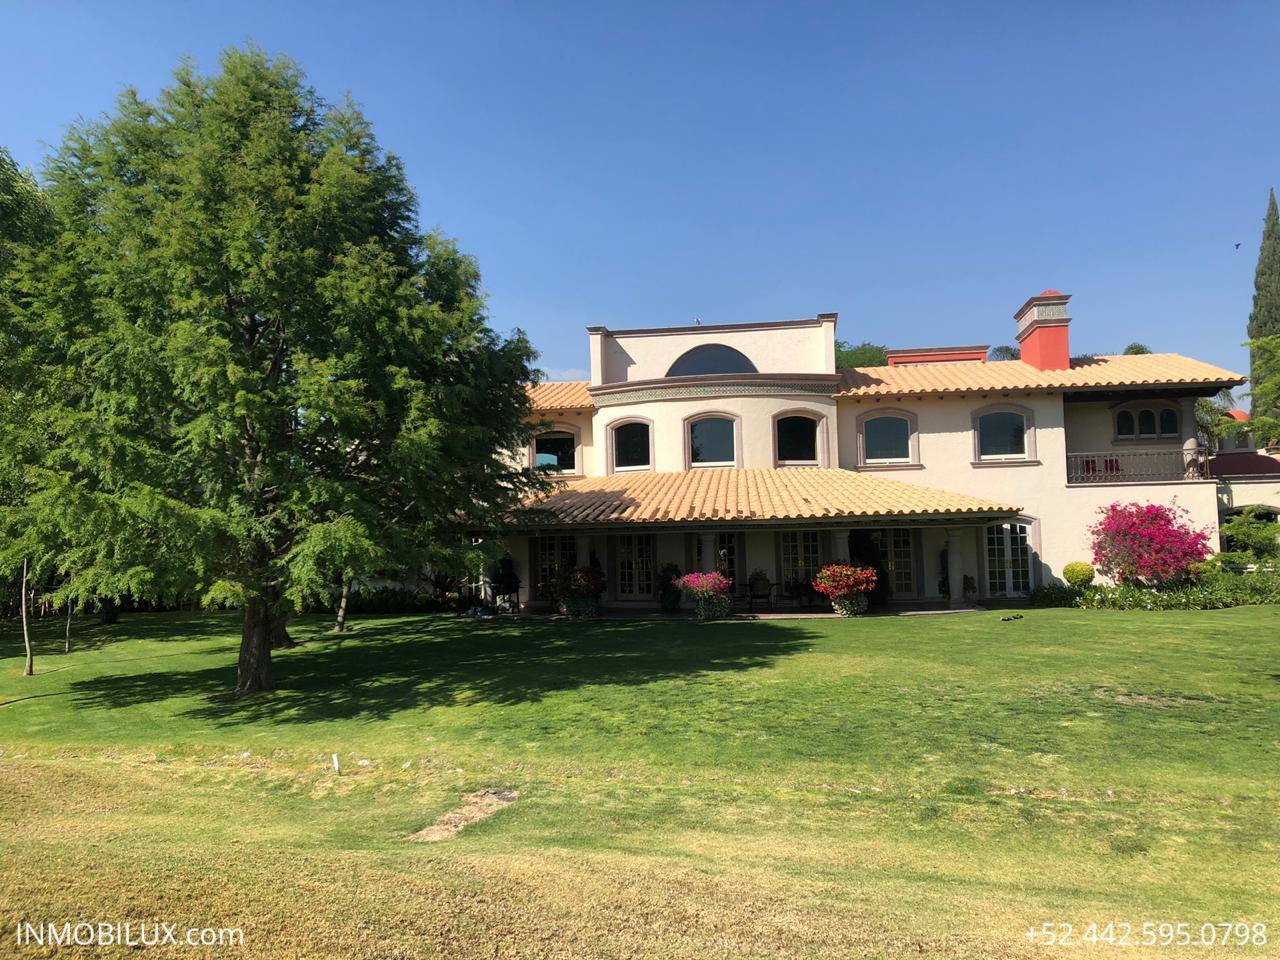 Casa Mesquite Campanario Terraza 2